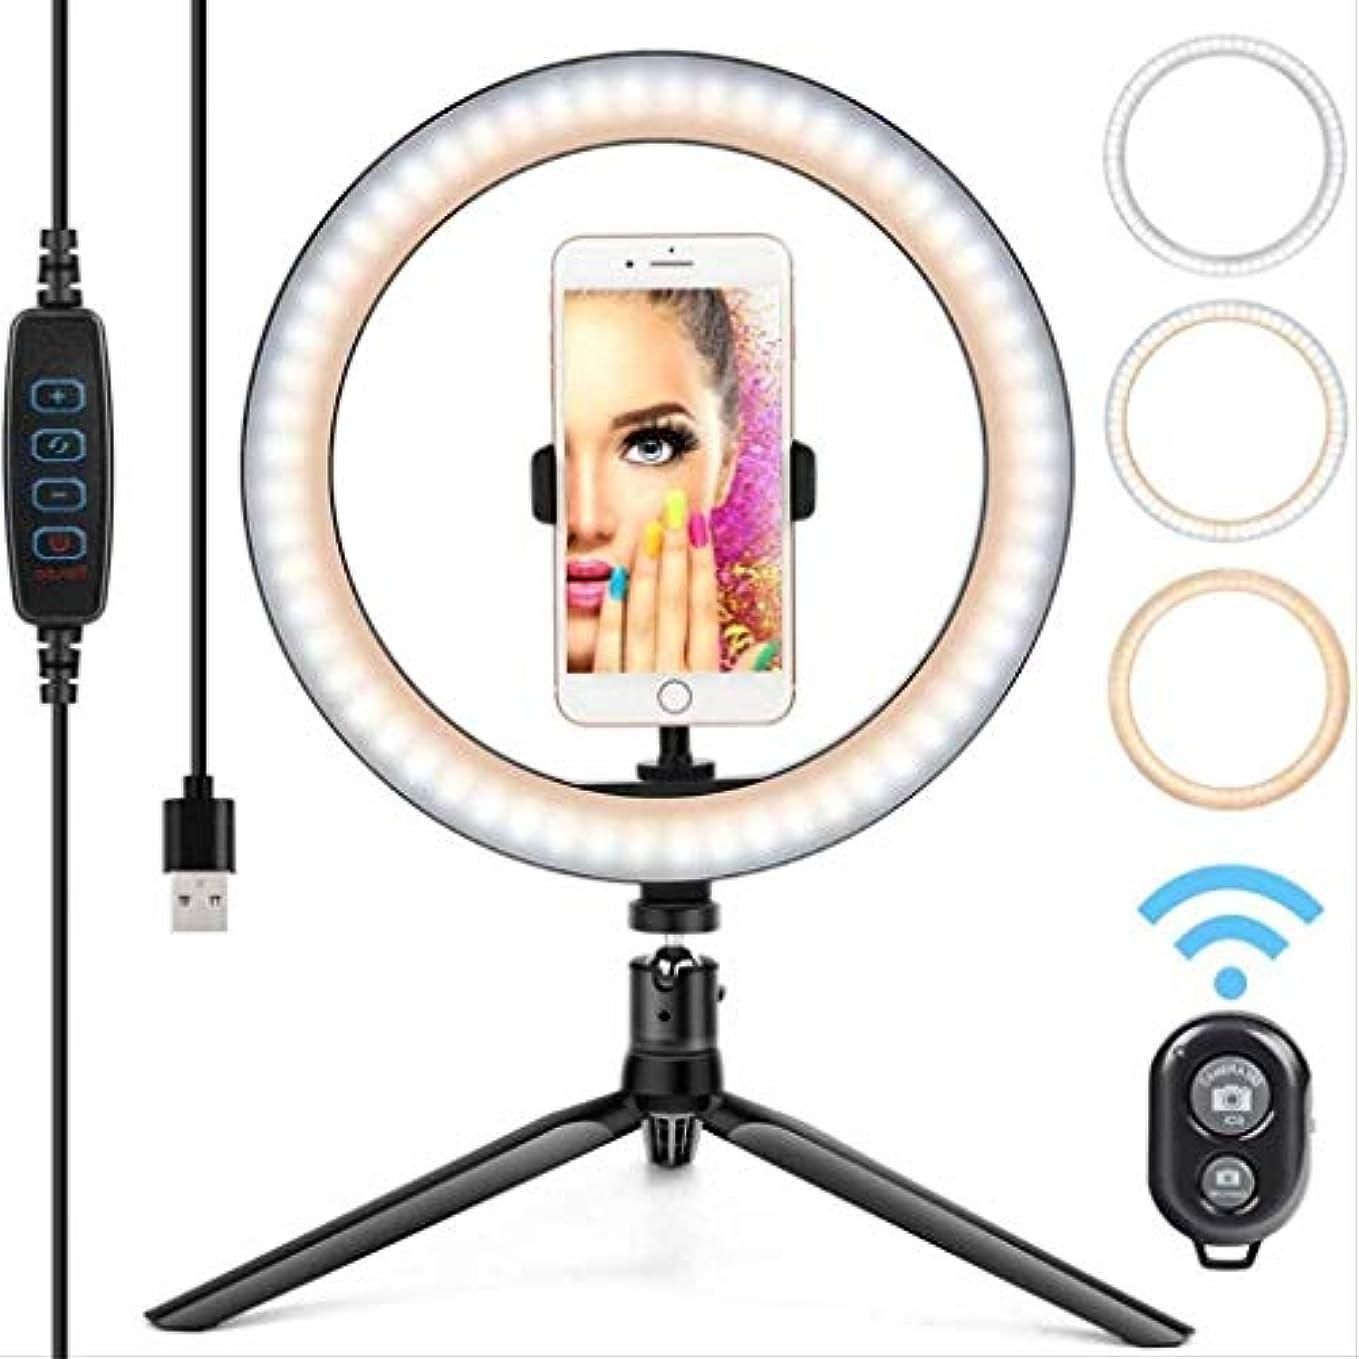 出血直感ところでAJH LEDカメラ照明、スタンドと電話ホルダー付きのSelfieリングライト、3ライトモードYouTube Instagramビデオ用の携帯電話ホルダースタンド付きの10レベルの明るさ、写真、ライブストリーミング